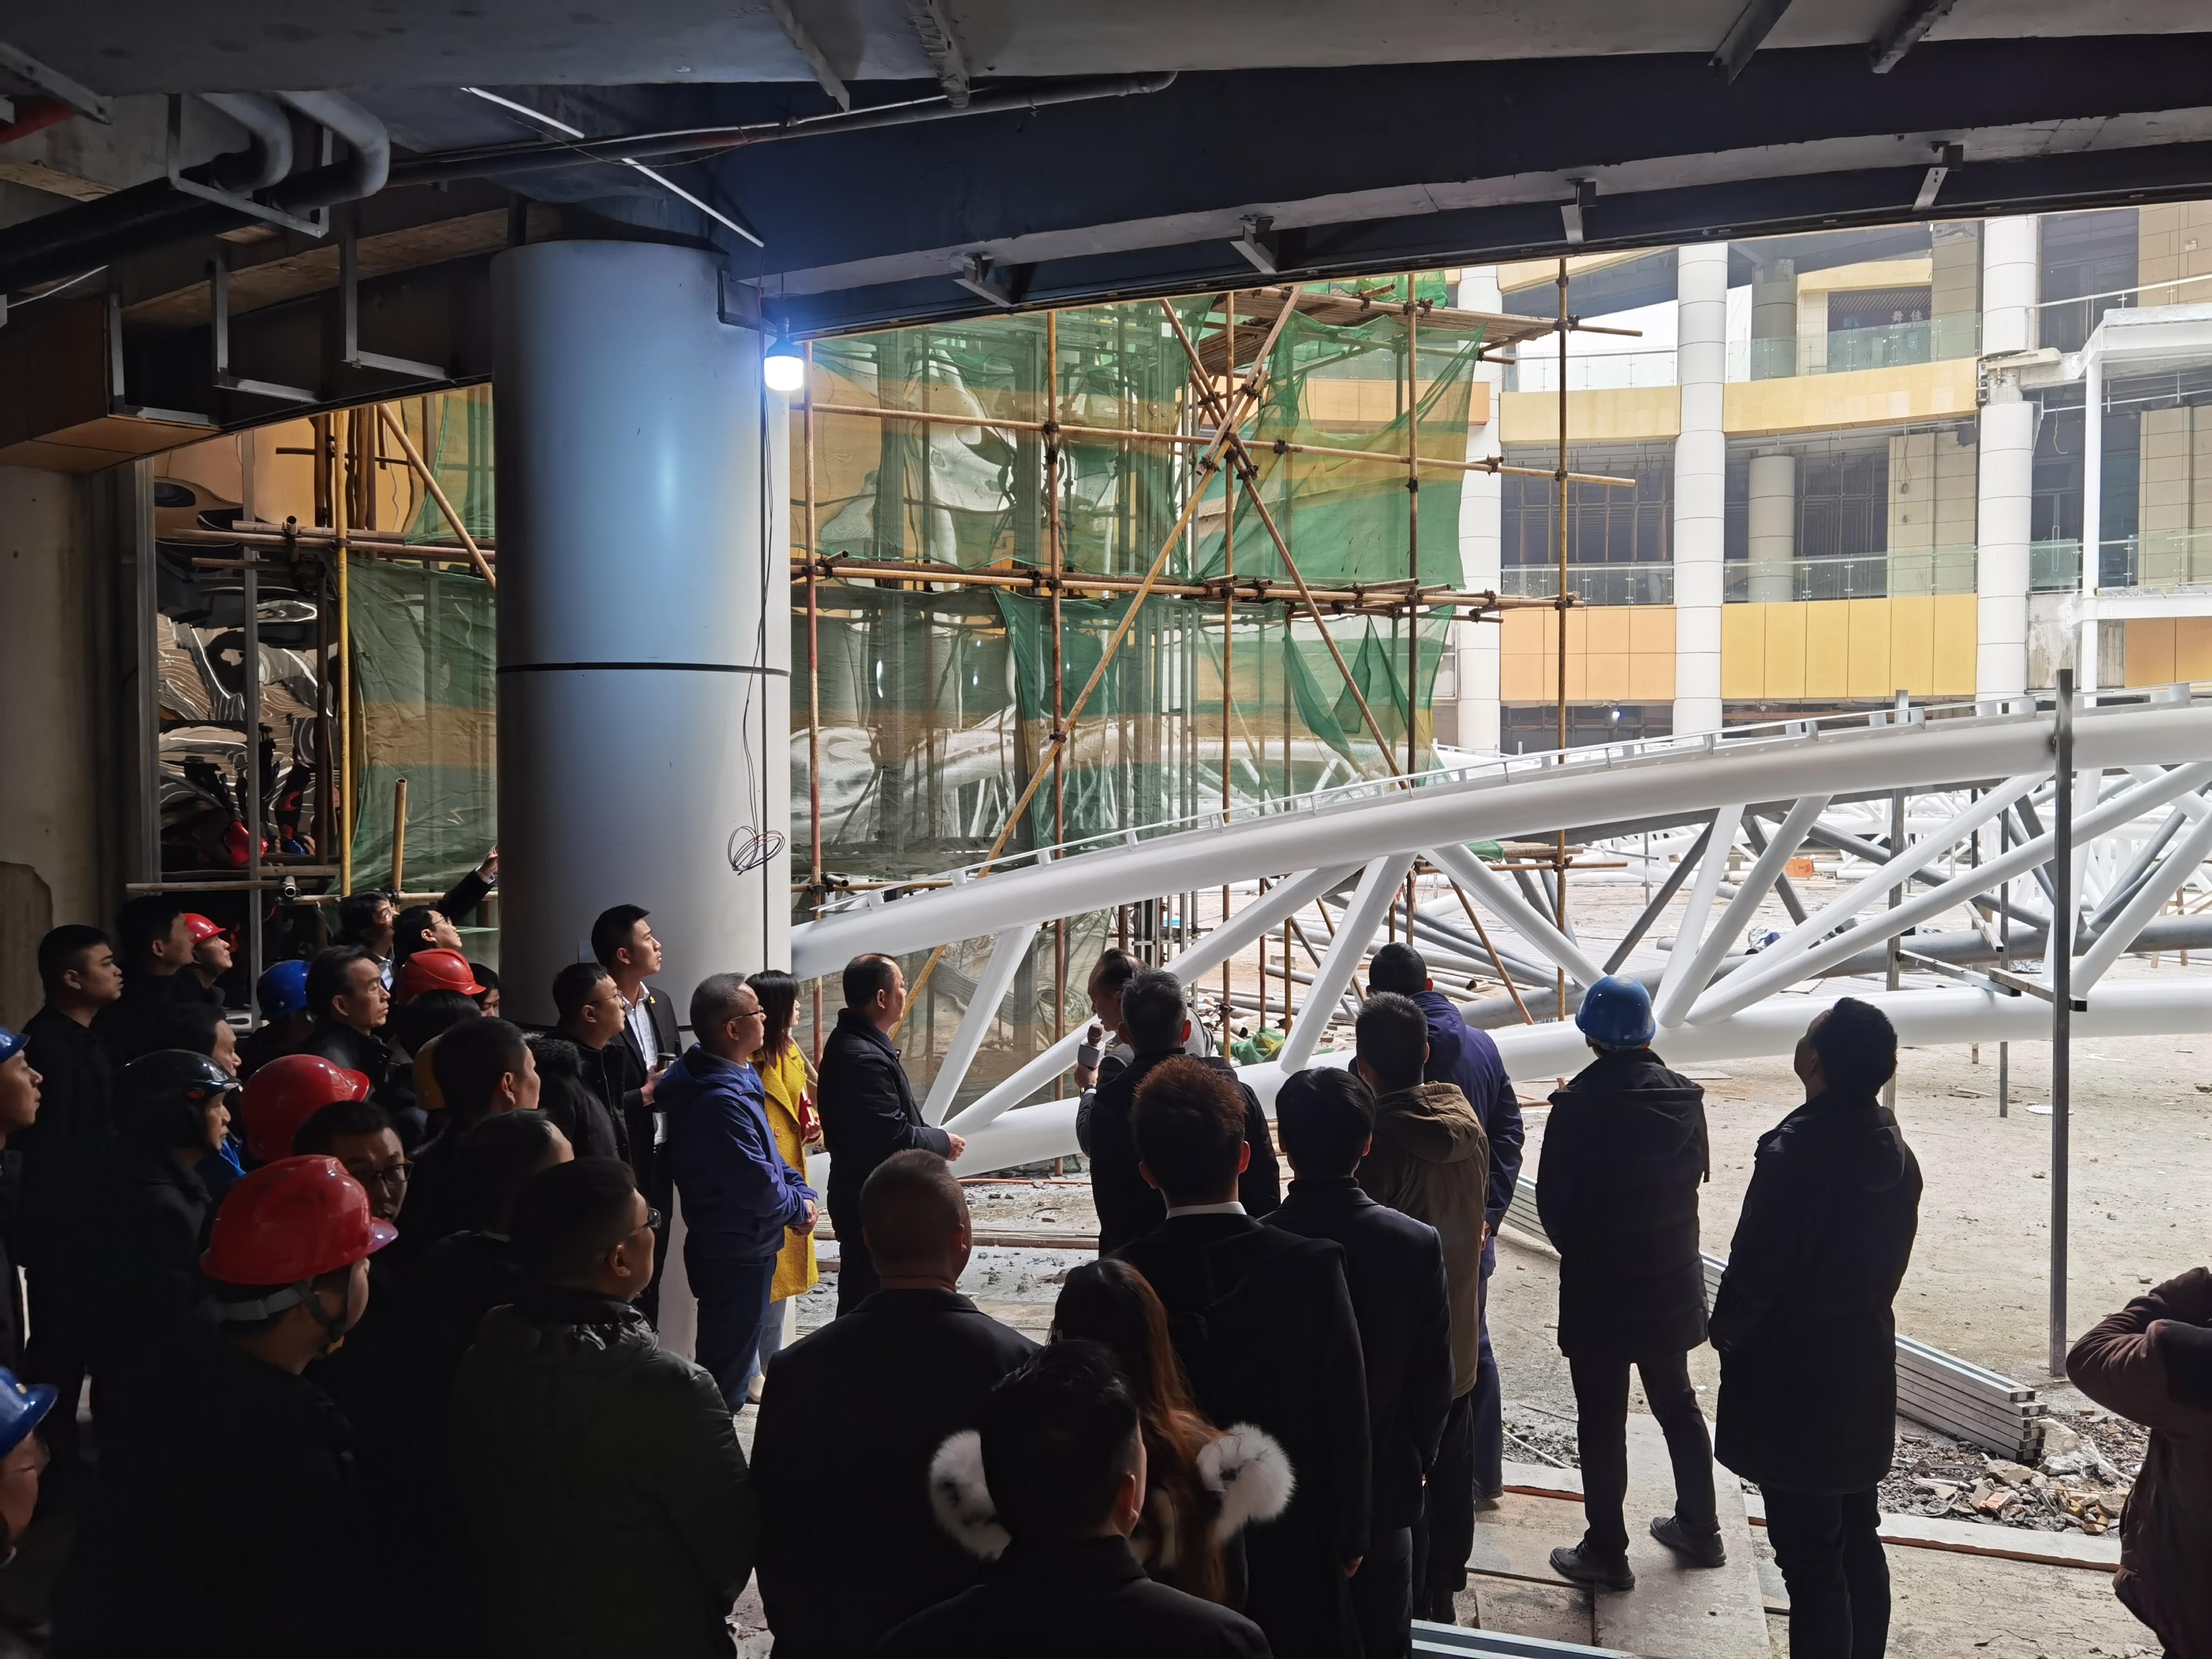 商业街中庭膜结构项目钢材进场完毕